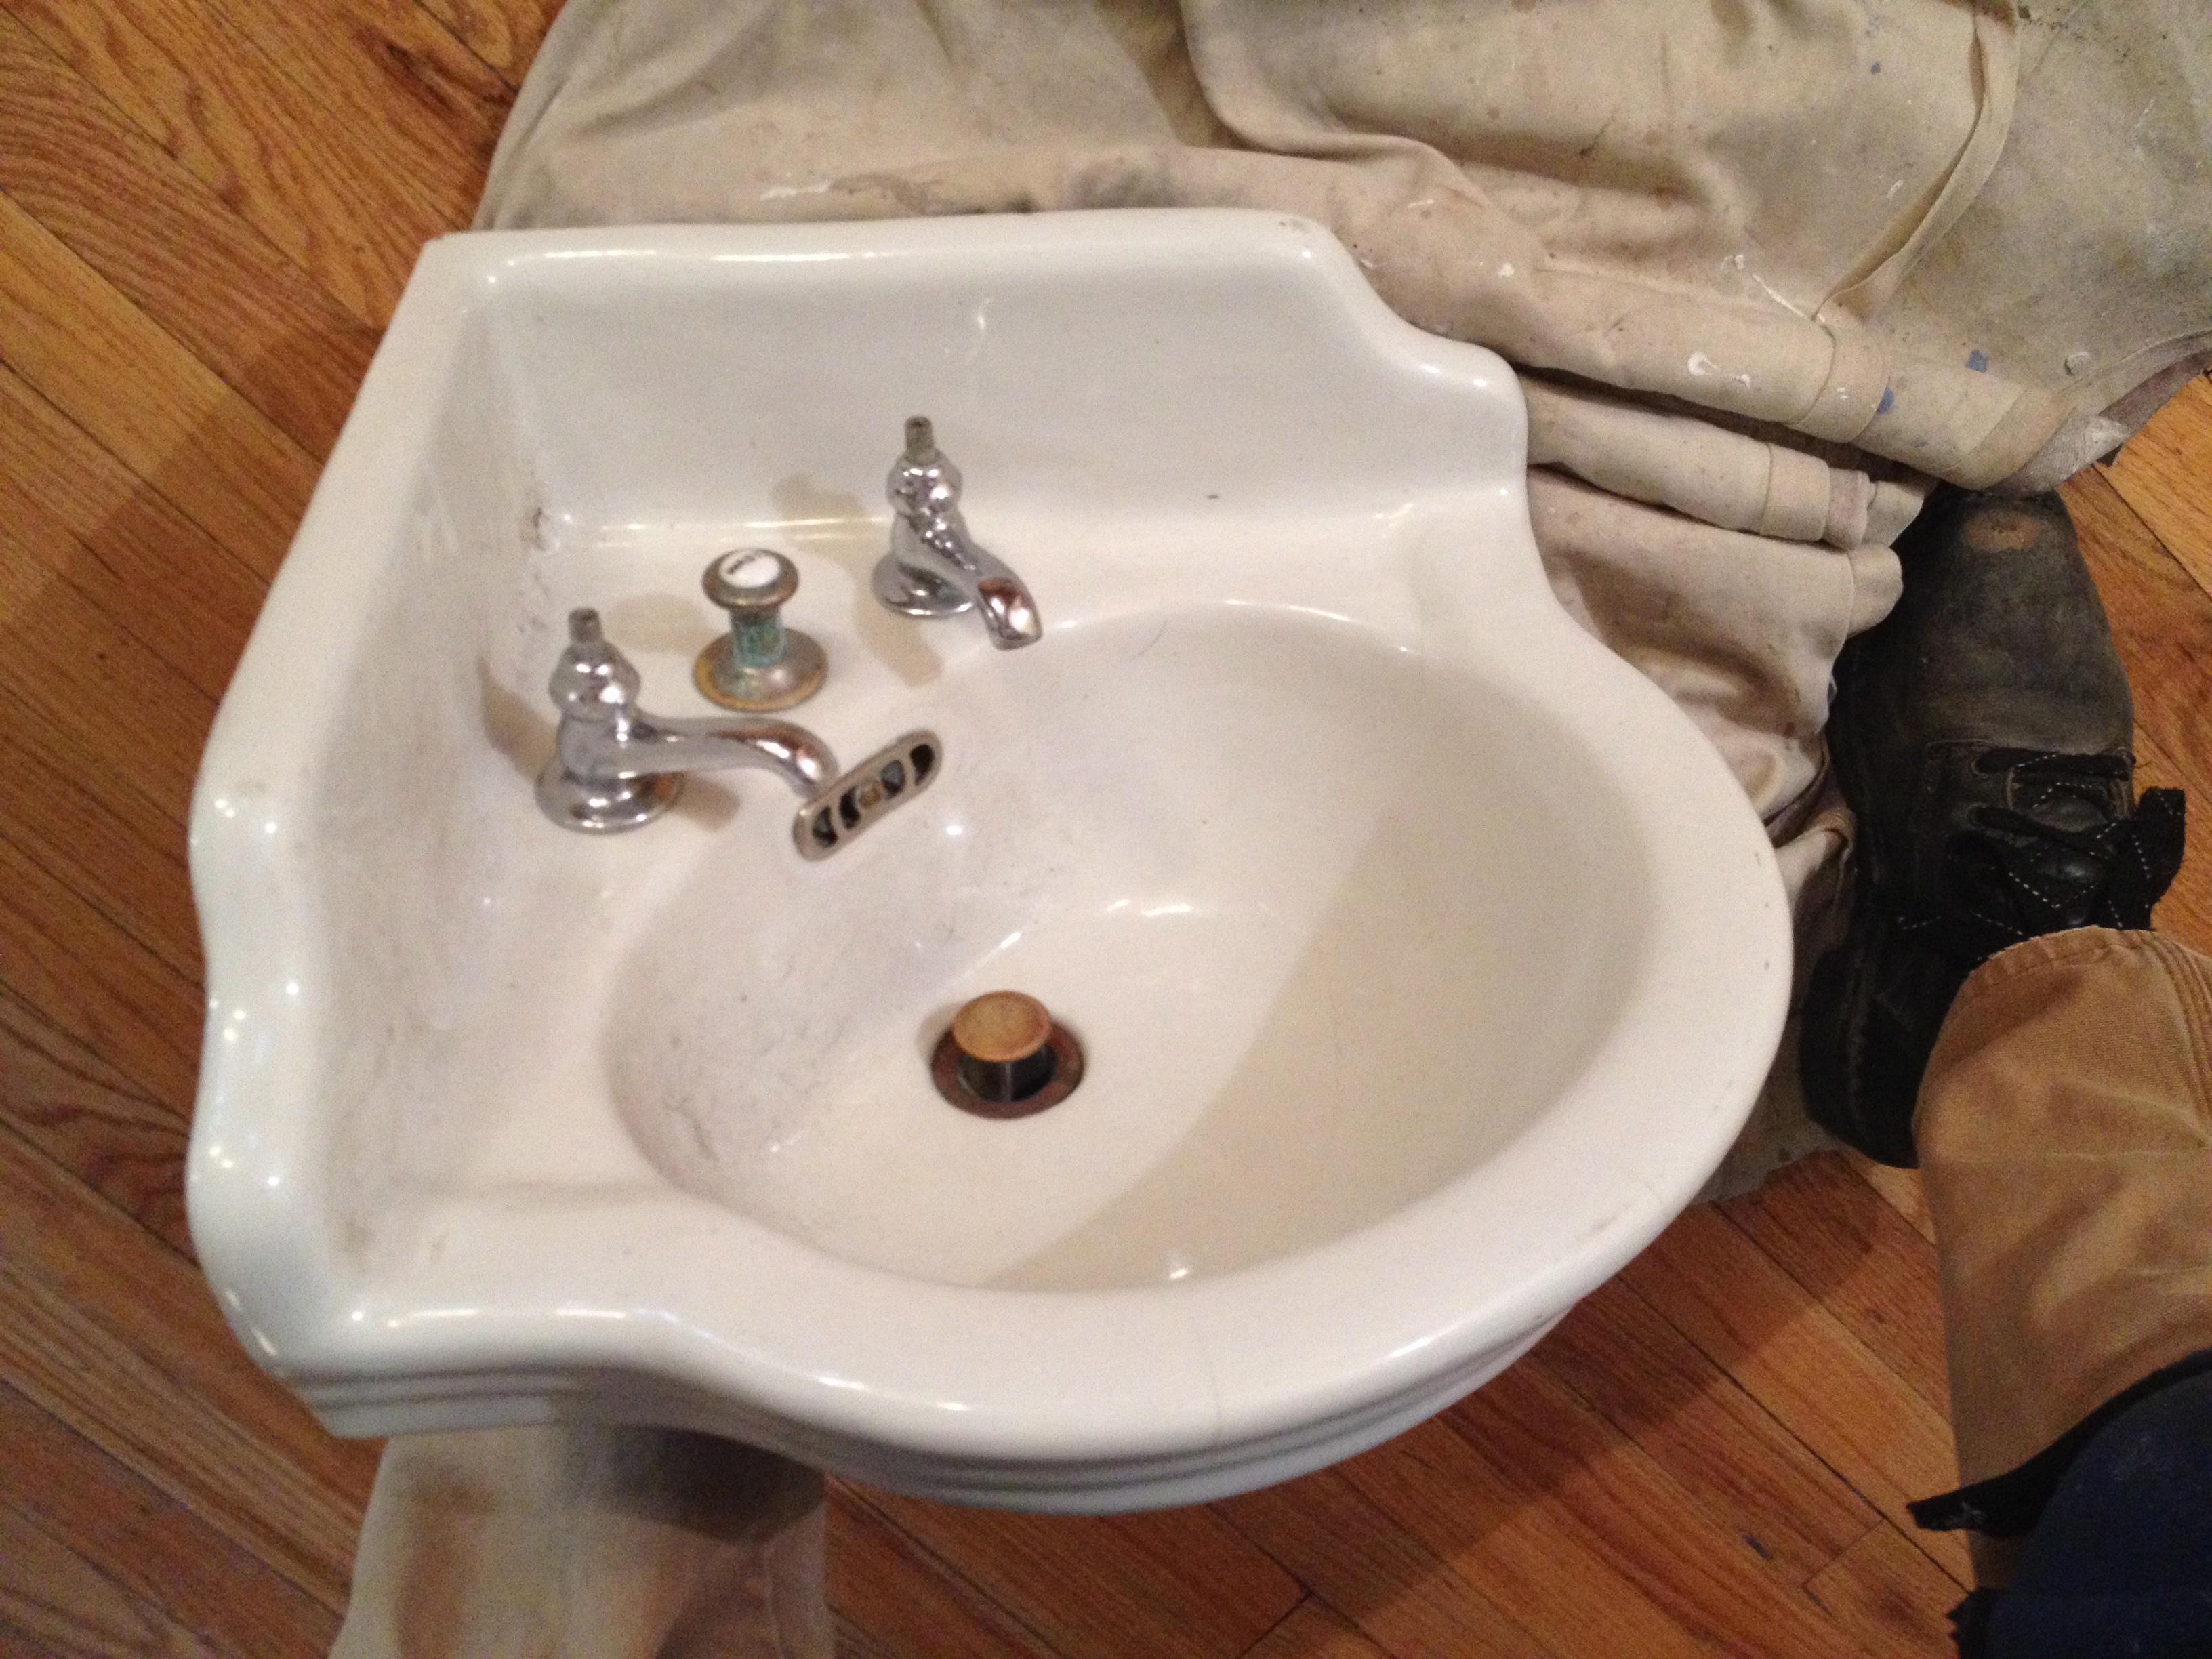 Comfortable Paint Bathtub Big Bath Tub Paint Square Painting Bathtub Bathtub Refinishers Young Bath Refinishing Service Gray How To Paint A Tub